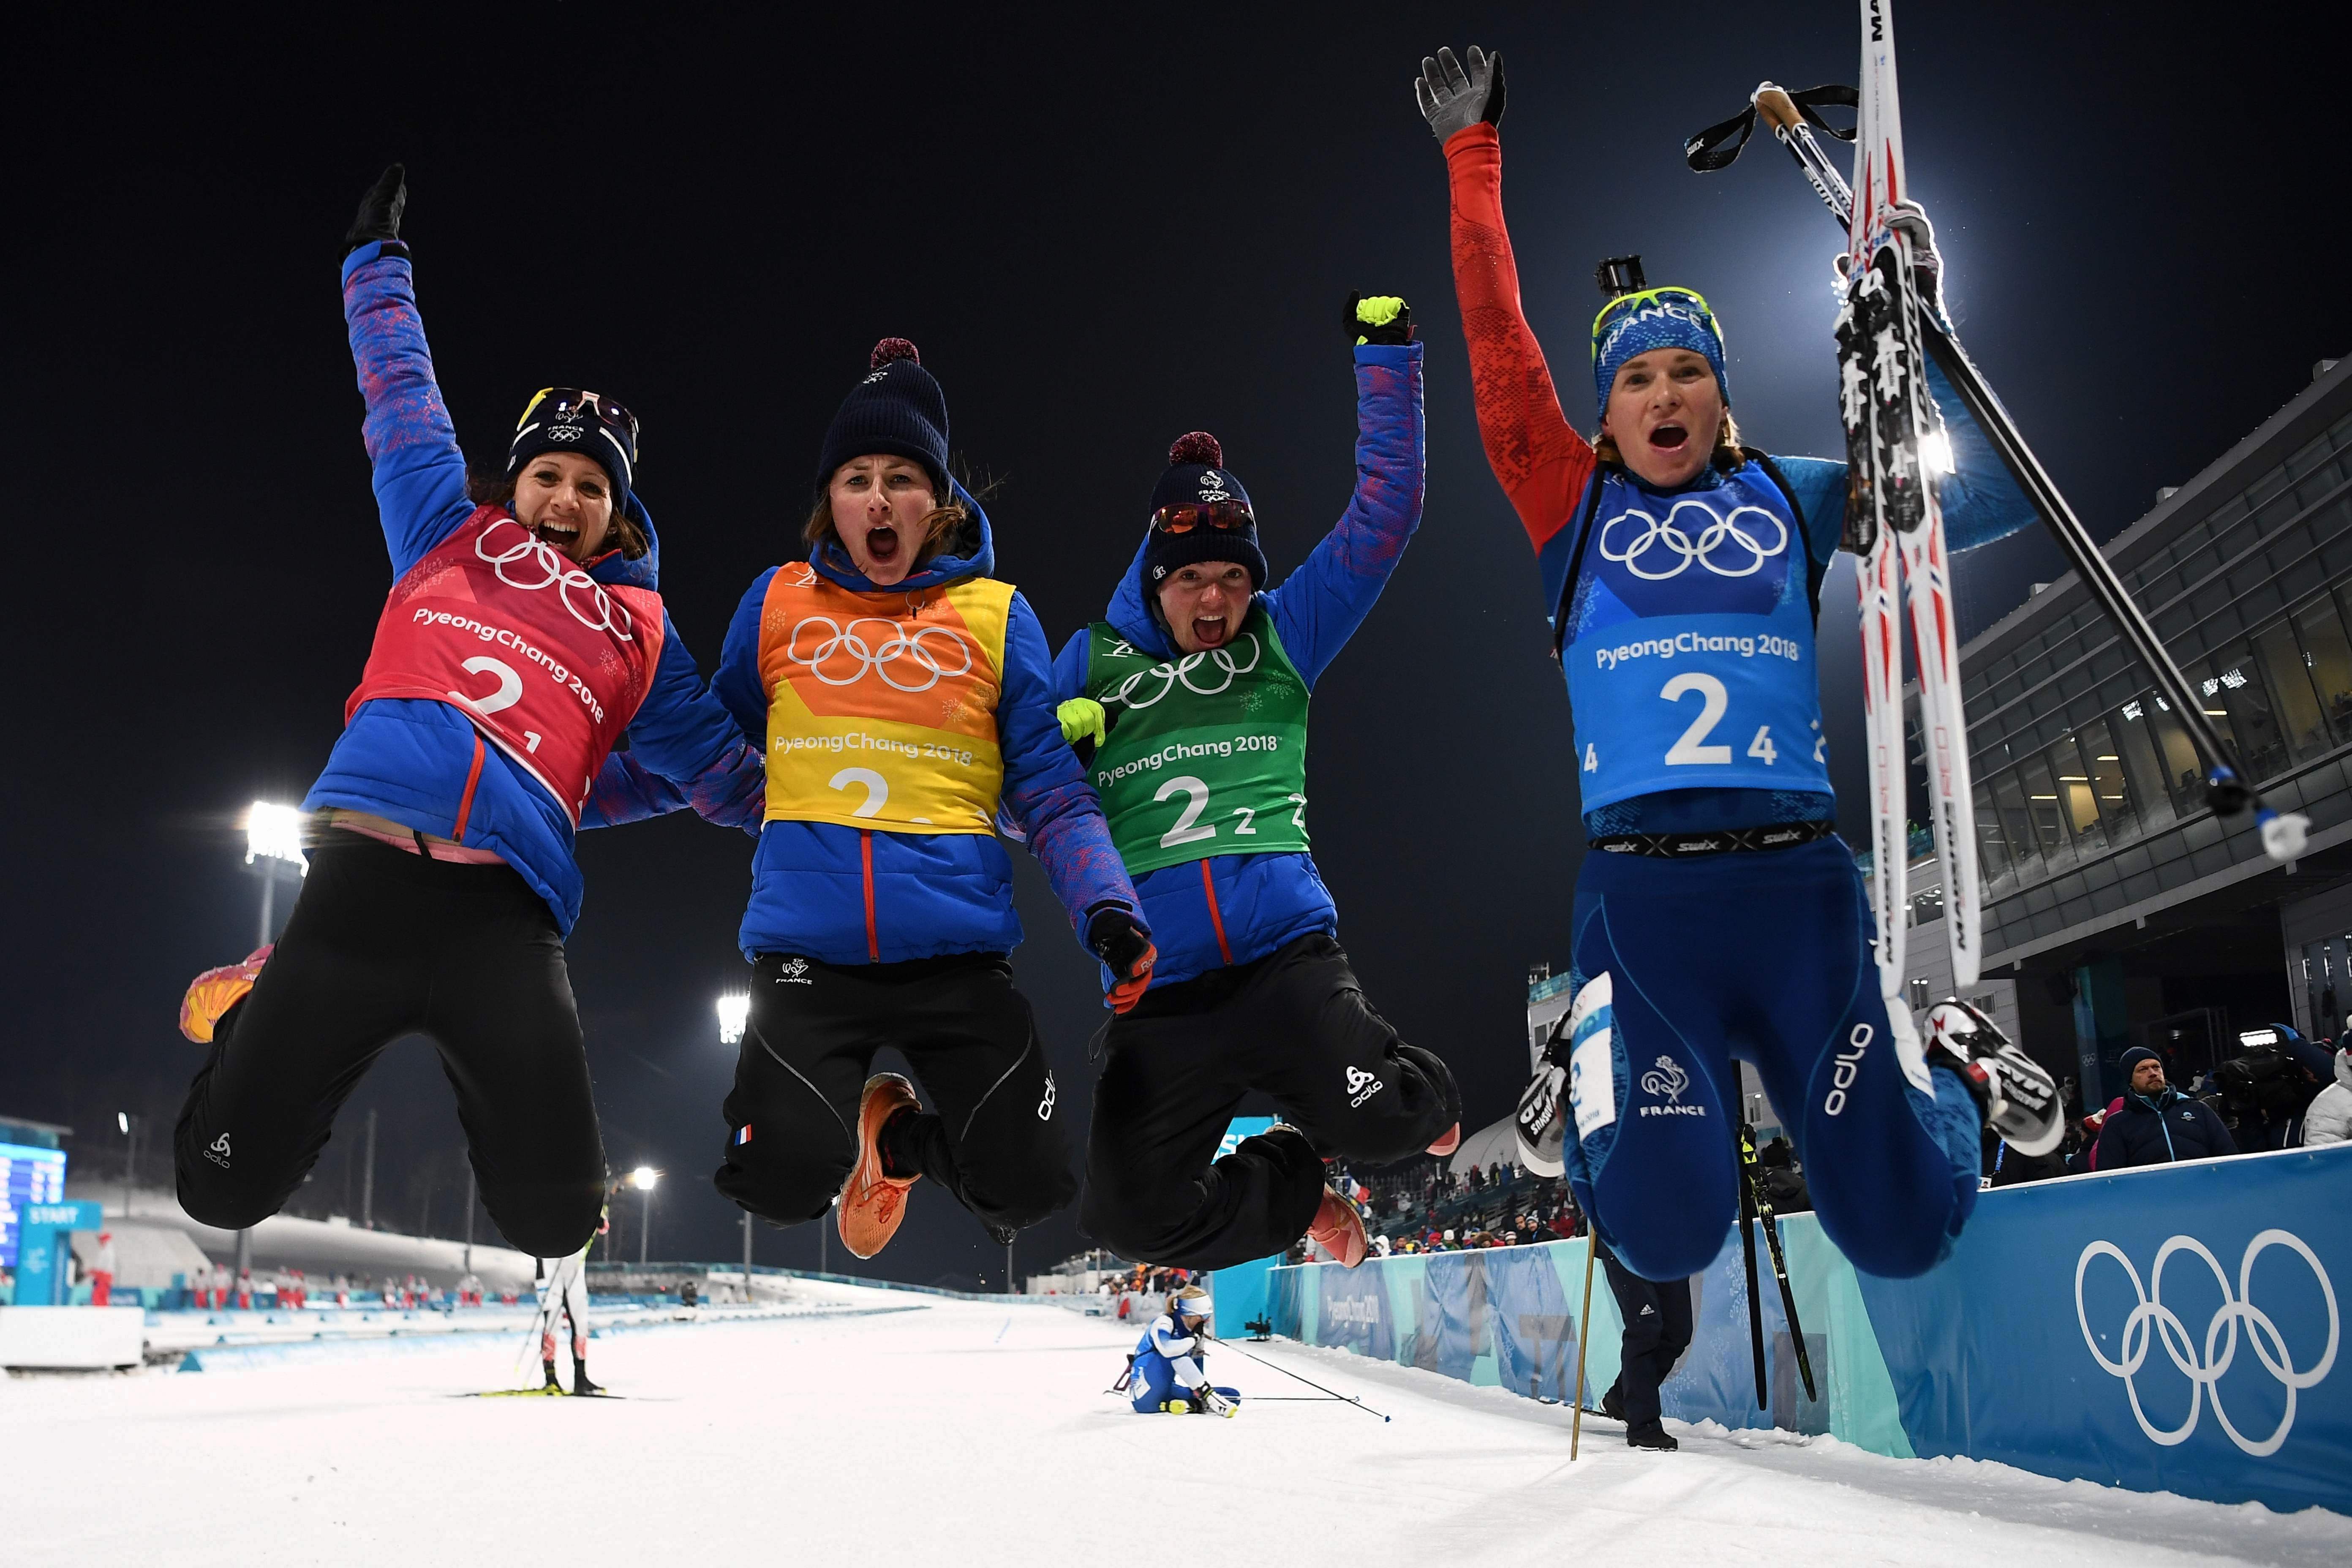 Jeux olympiques - Pyeongchang 2018 - JO 2018: Les biathlètes françaises en bronze, la France égale son record de Sotchi